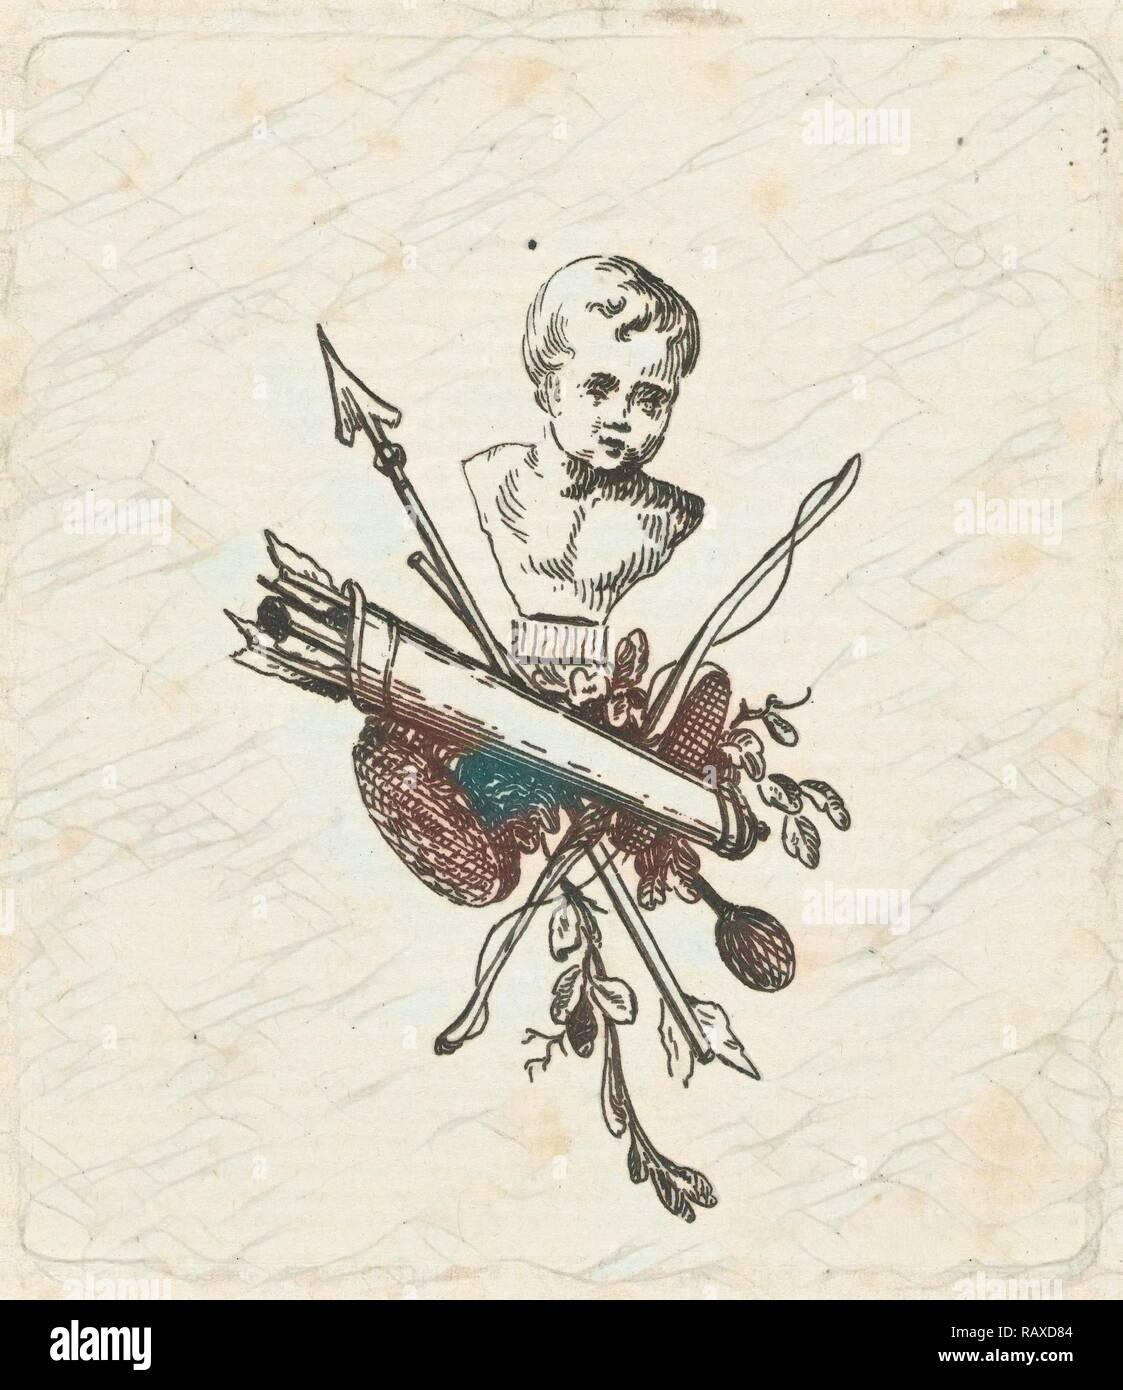 Vignette con busto de Amor, arcos y flechas y carcaj, Willem Bilderdijk, 1766 - 1831. Reimagined by Gibon. Clásico reinventado Imagen De Stock